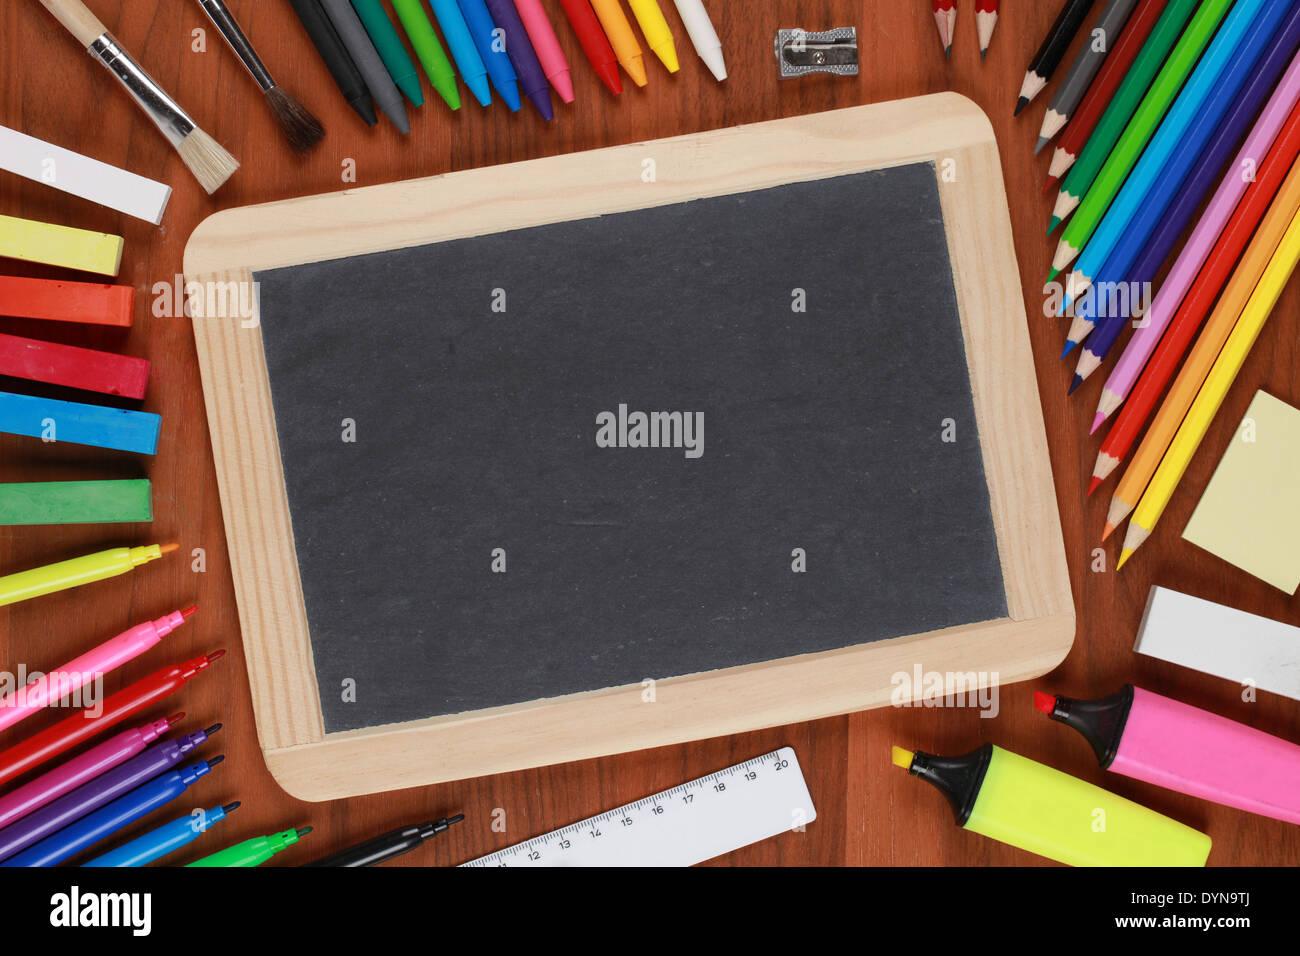 Leere schwarze Tafel mit Exemplar für Ihren eigenen text Stockbild